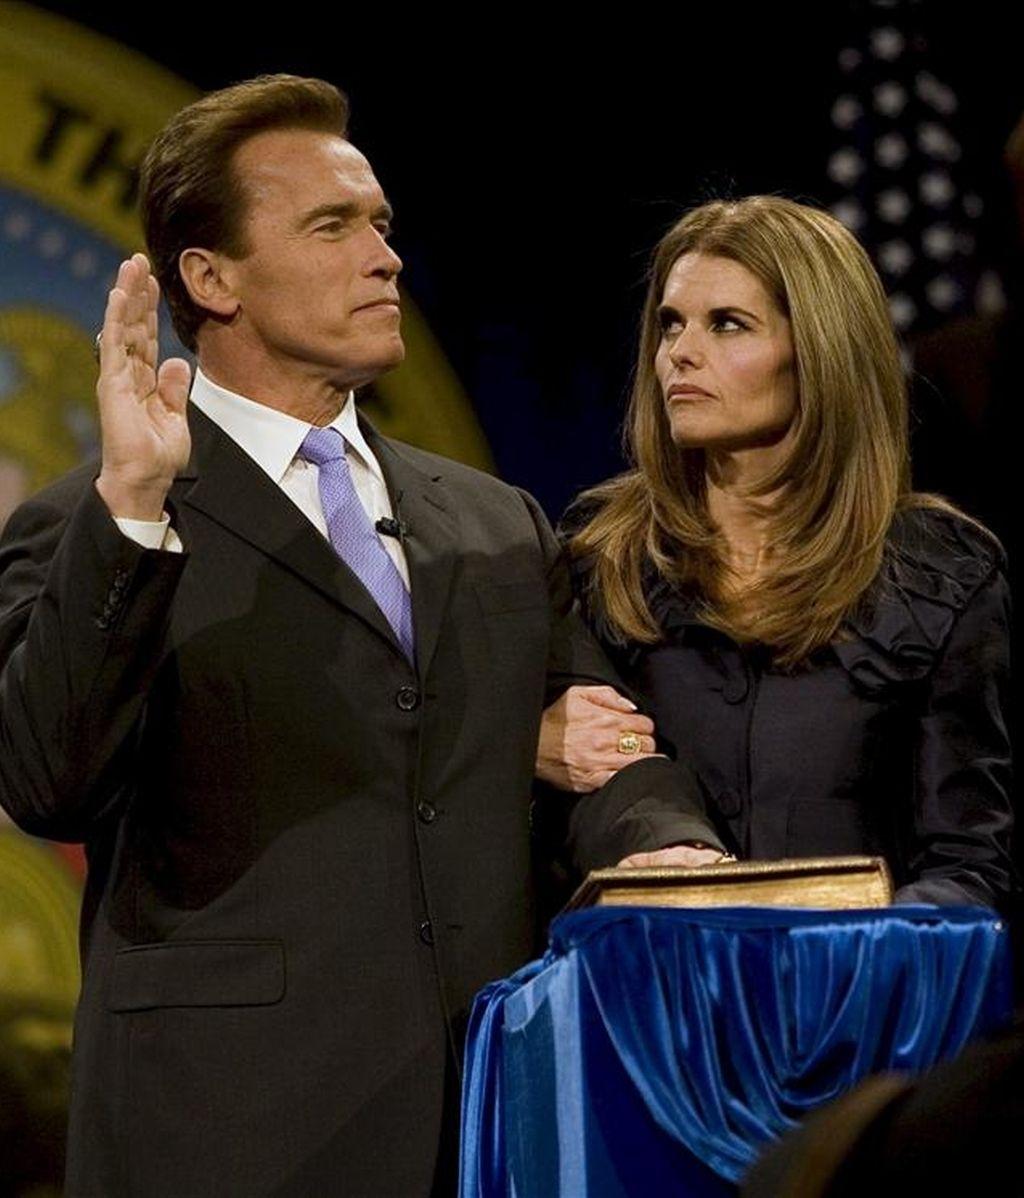 En la imagen, el gobernador de California, Arnold Schwarzenegger (i), junto a su esposa, Maria Shriver. EFE/Archivo